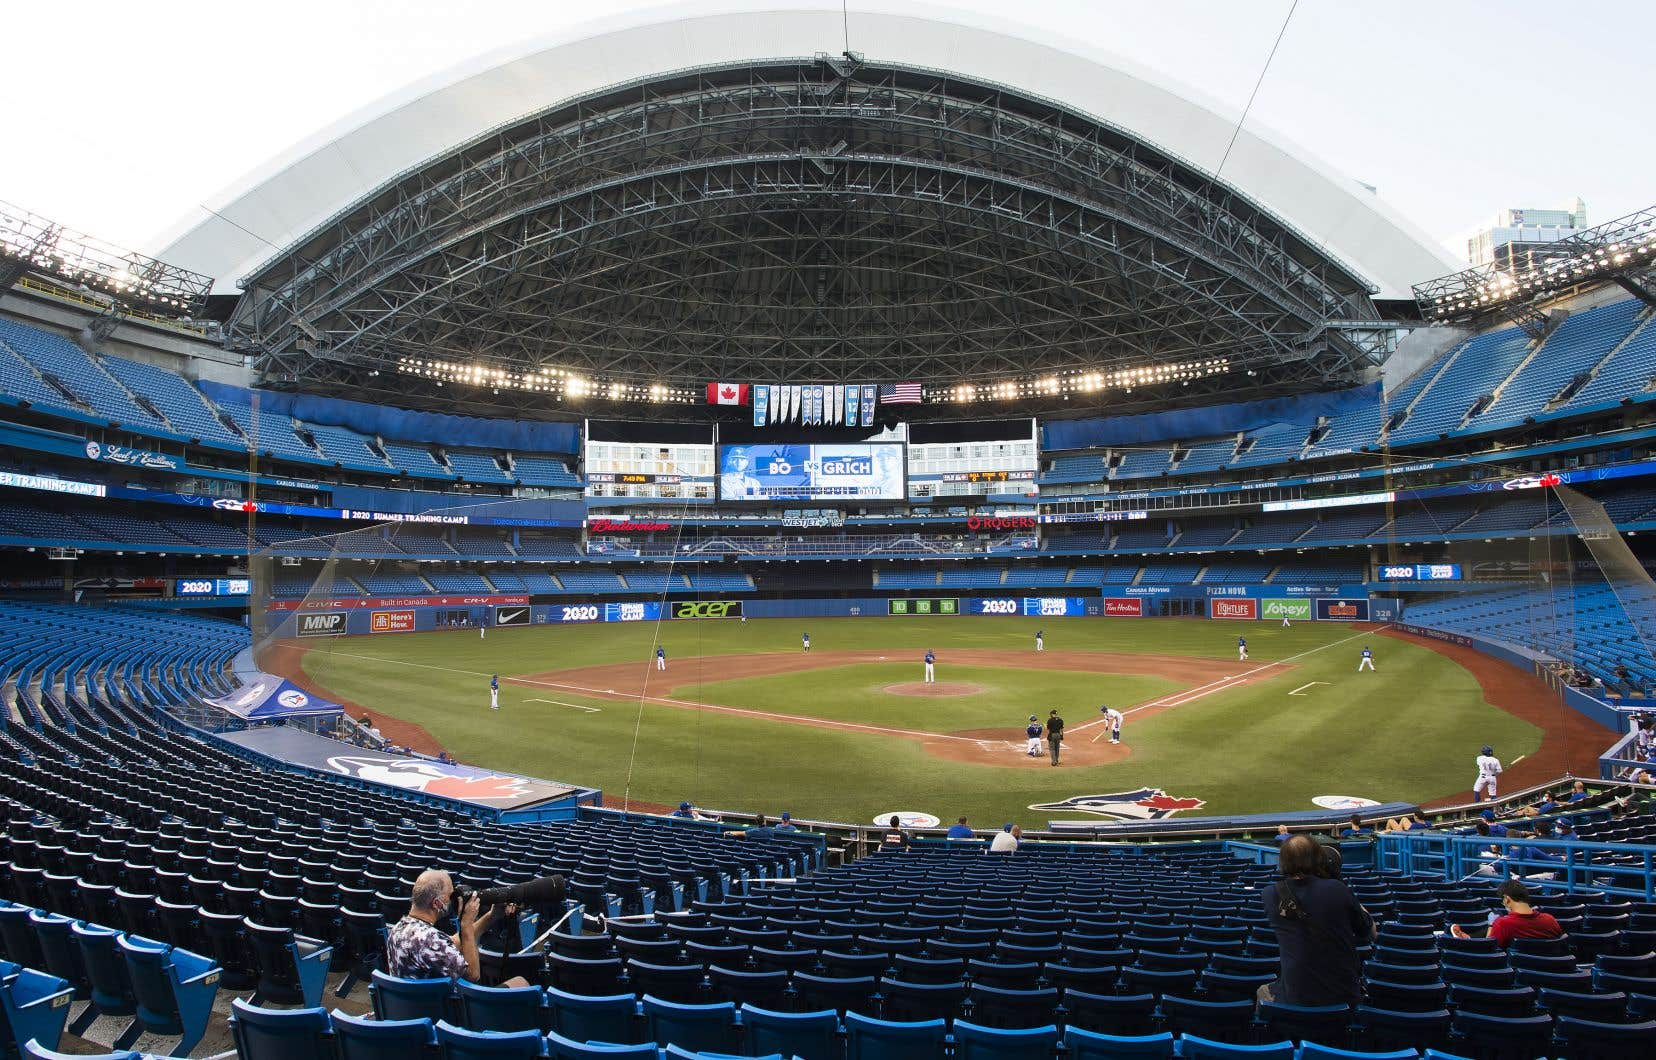 L'équipe a pu s'entrainer au Rogers Centre, mais ne pourra pas y jouer en saison régulière.